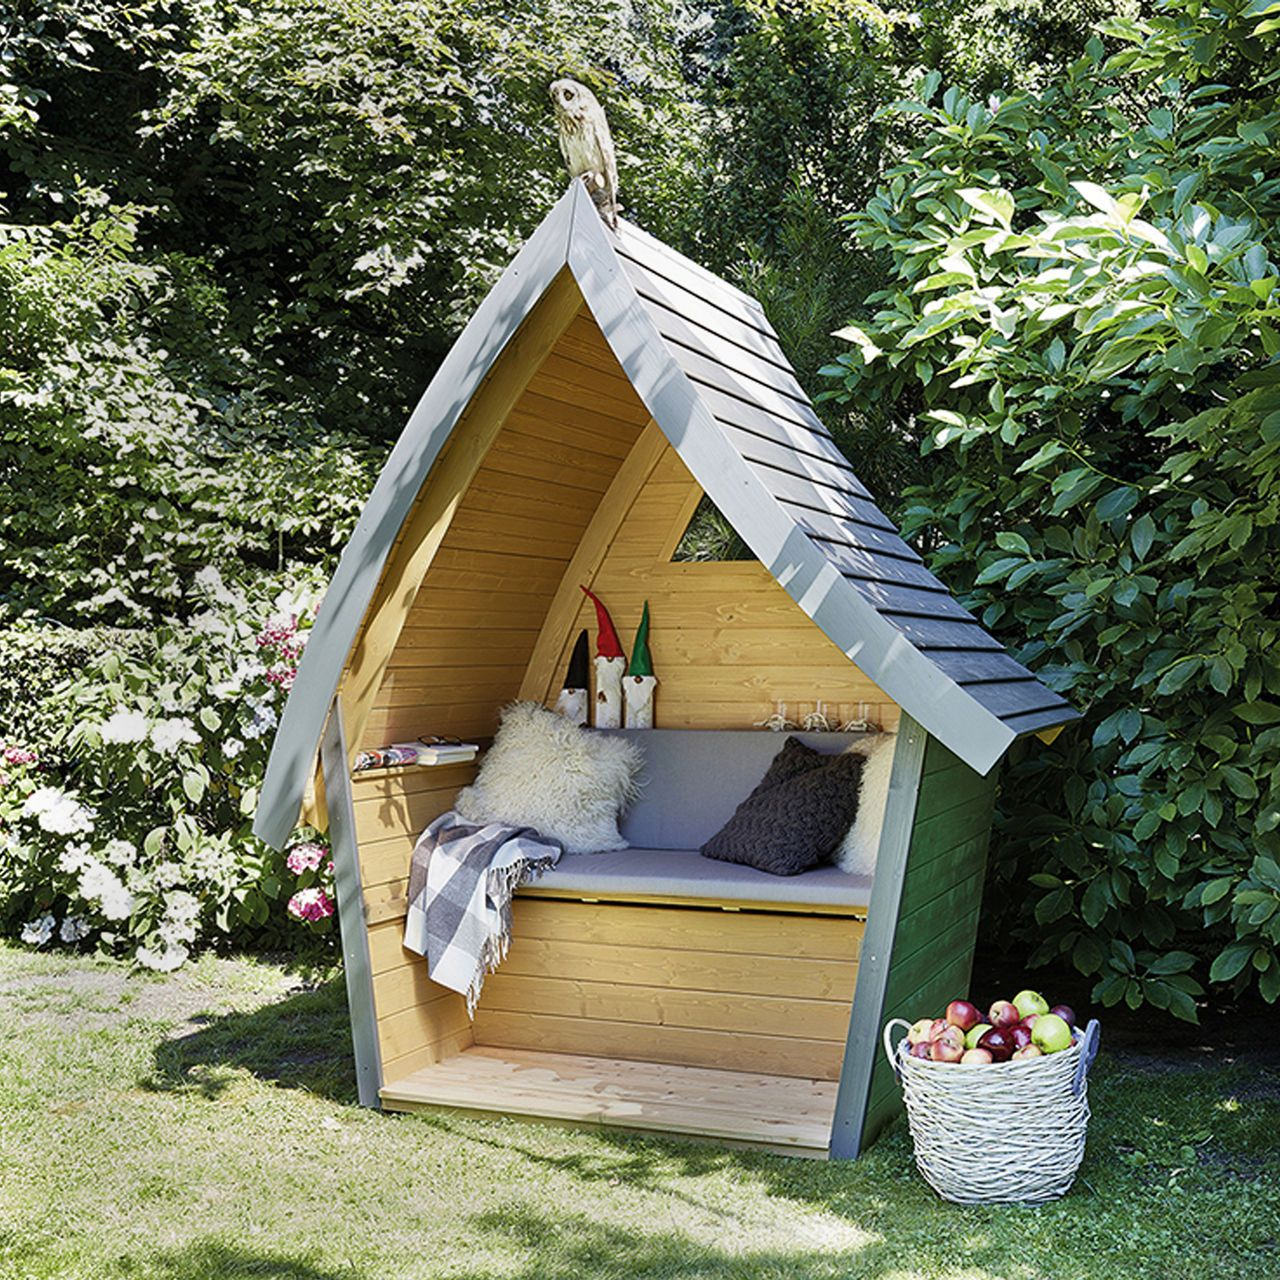 Lounge h ttentraum m rchenhafte outdoor sitzm glichkeit - Palettentisch garten ...